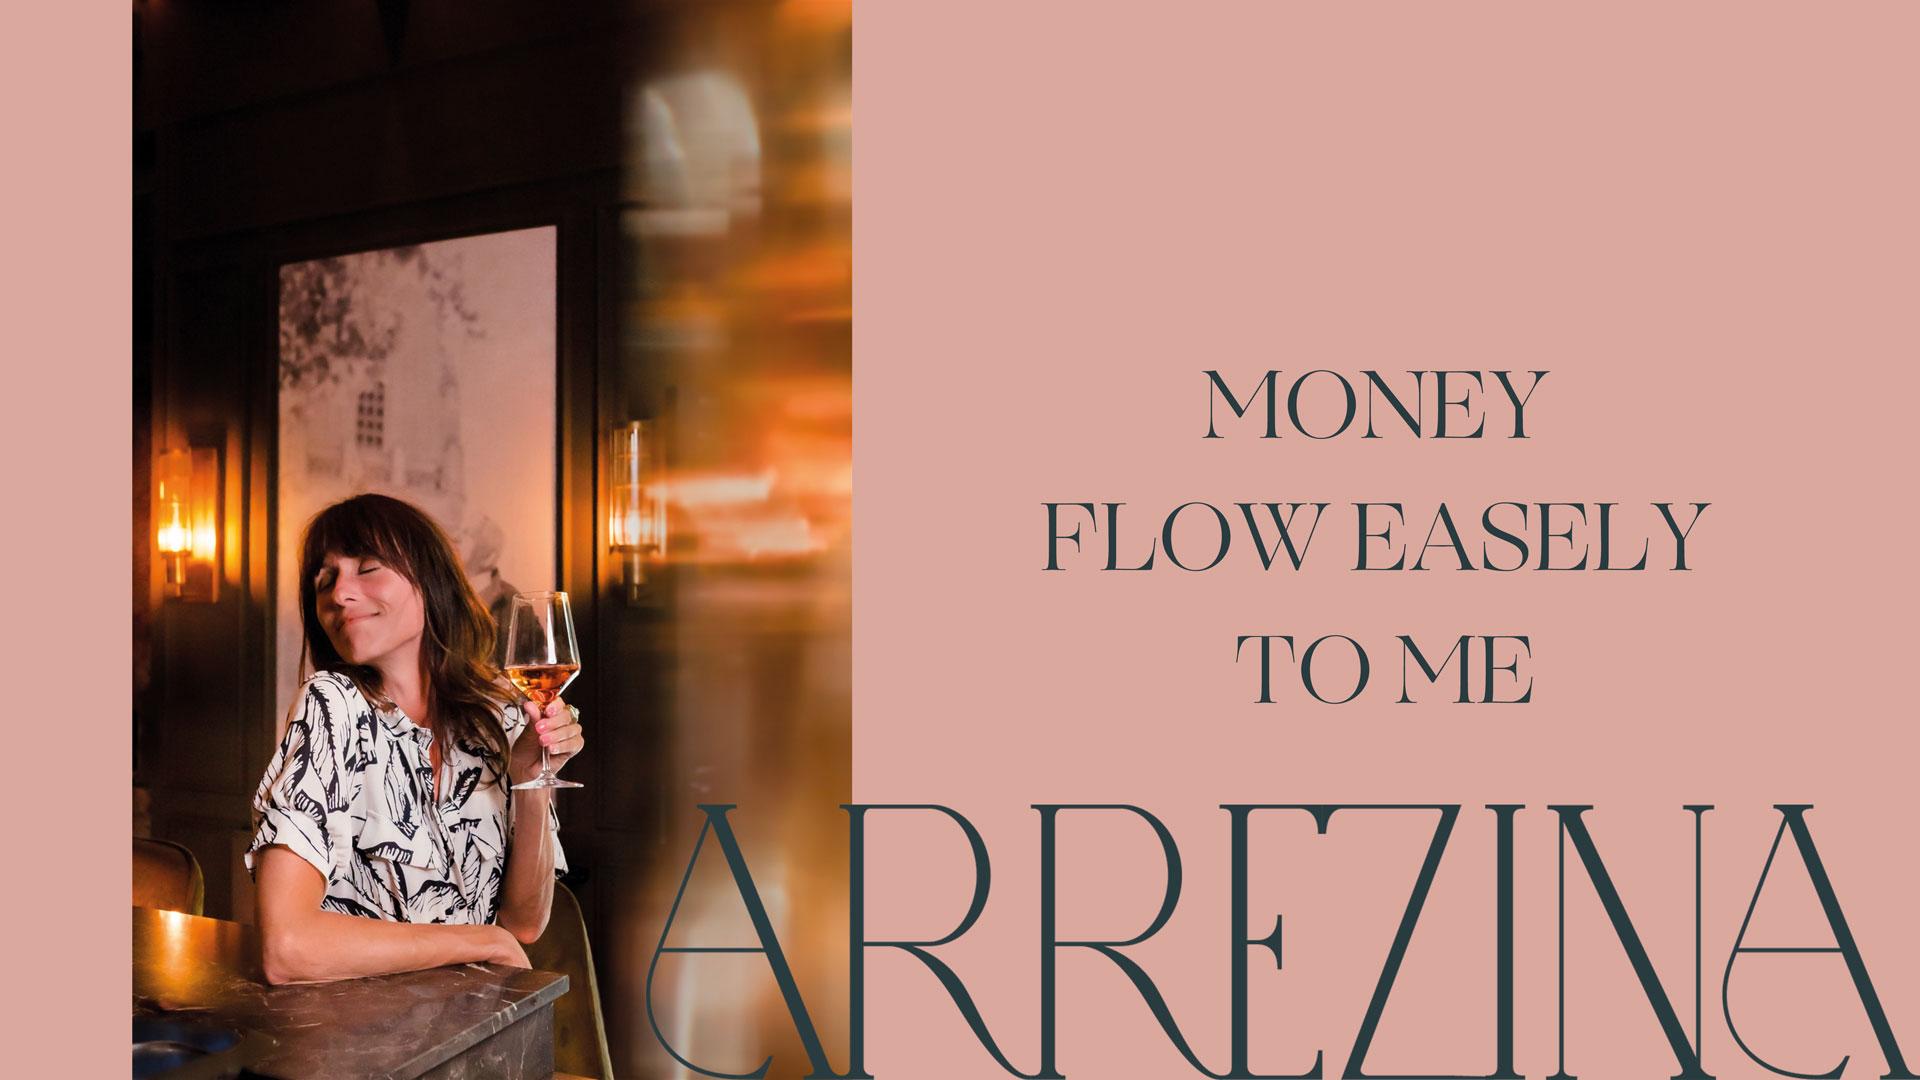 Bonus: Money flow easily to me